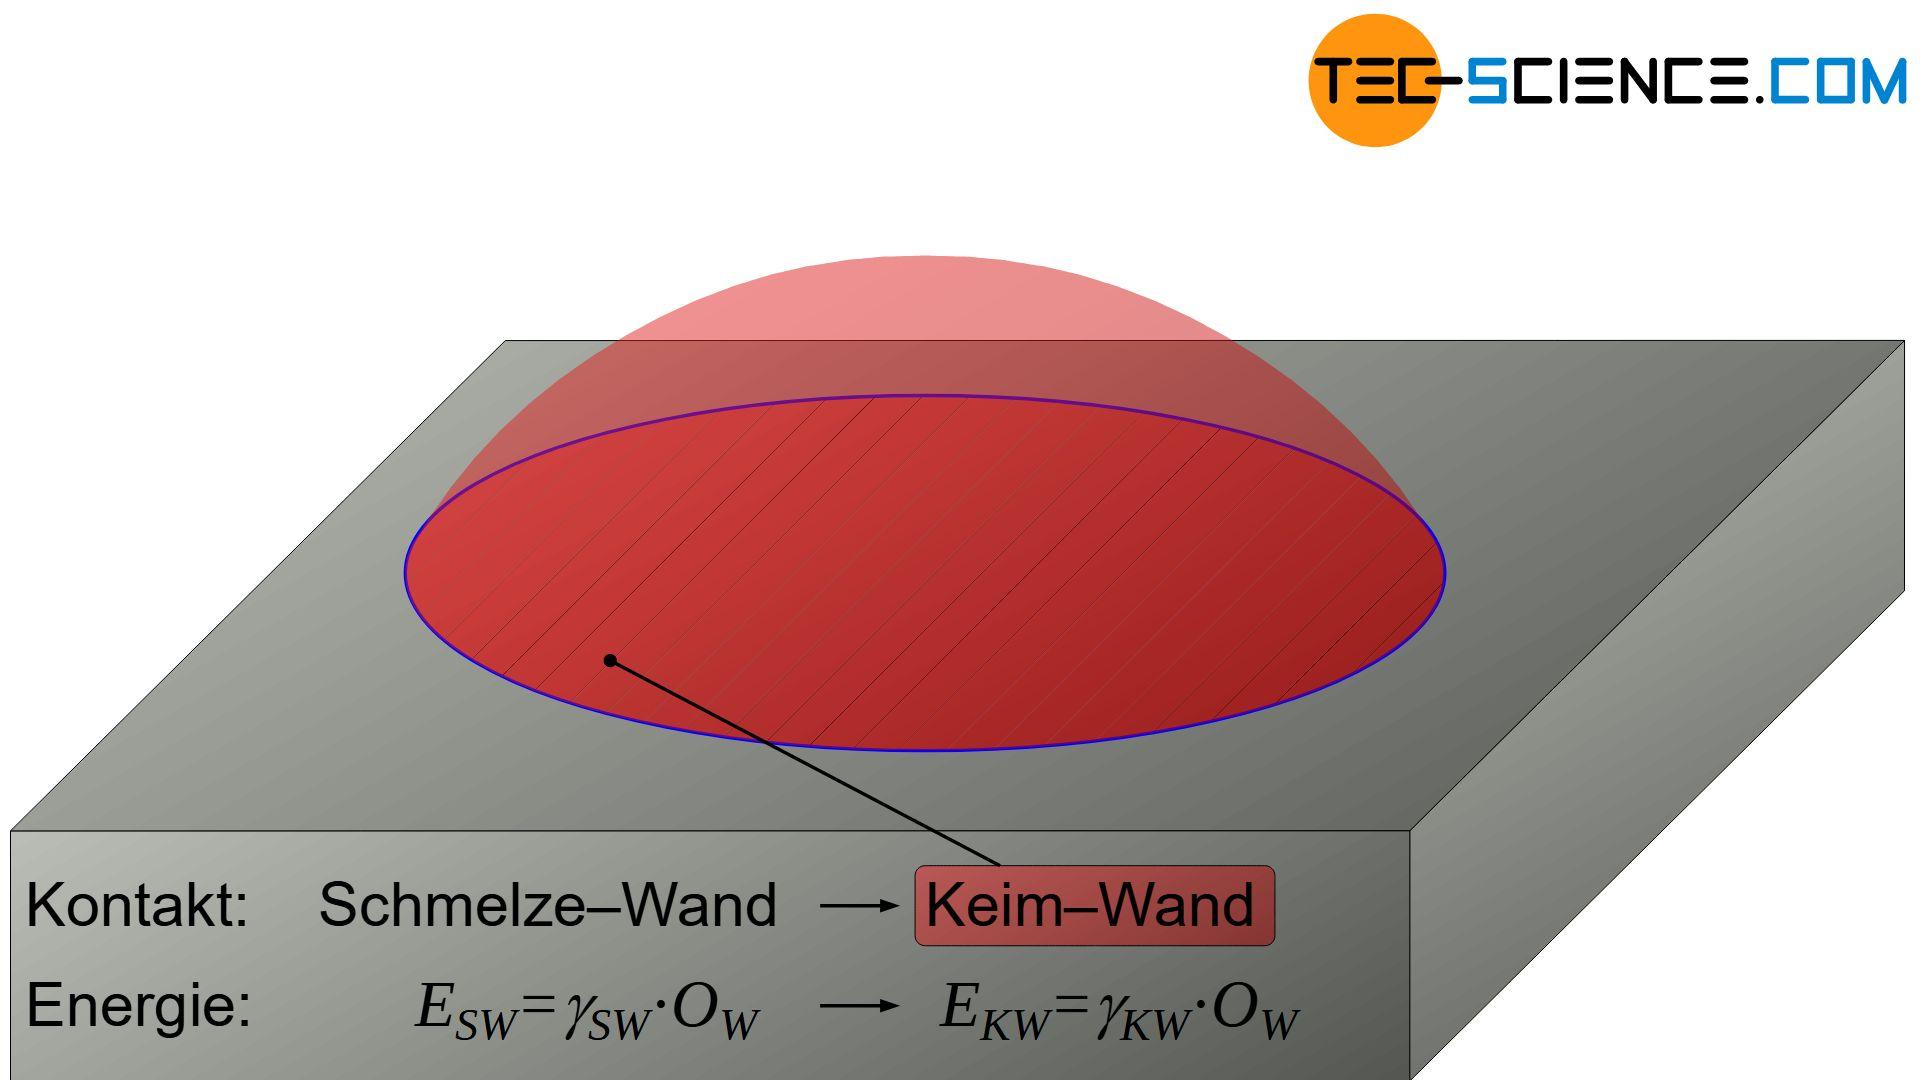 Oberflächenenergie zwischen Schmelze/Keim und Wand